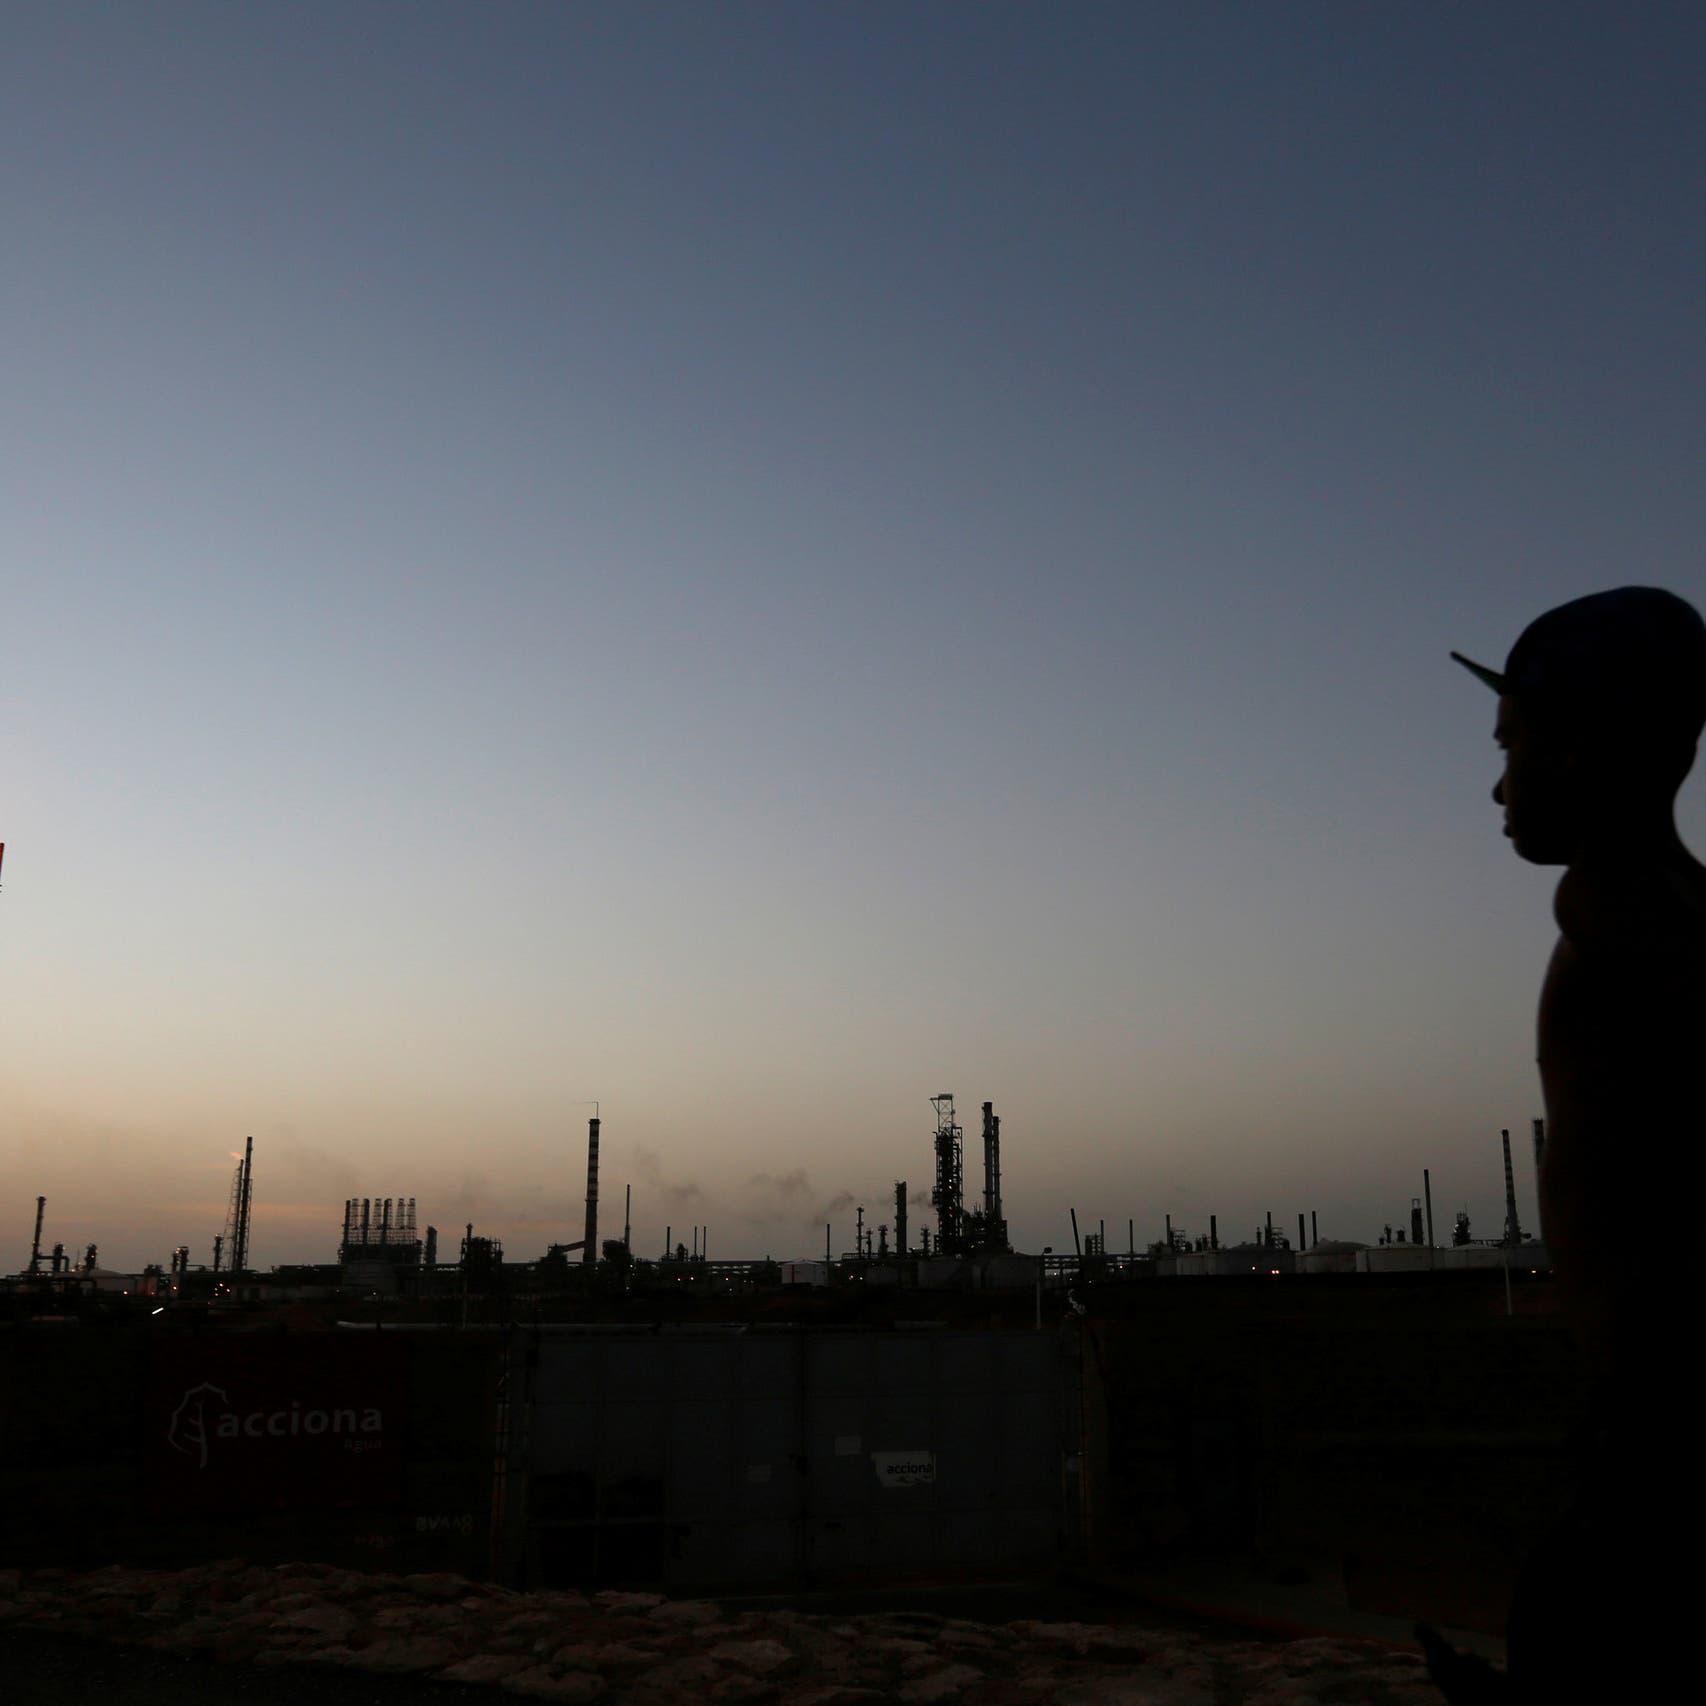 النفط يهبط بأكثر من 5% مع ارتفاع إنتاج النفط الليبي